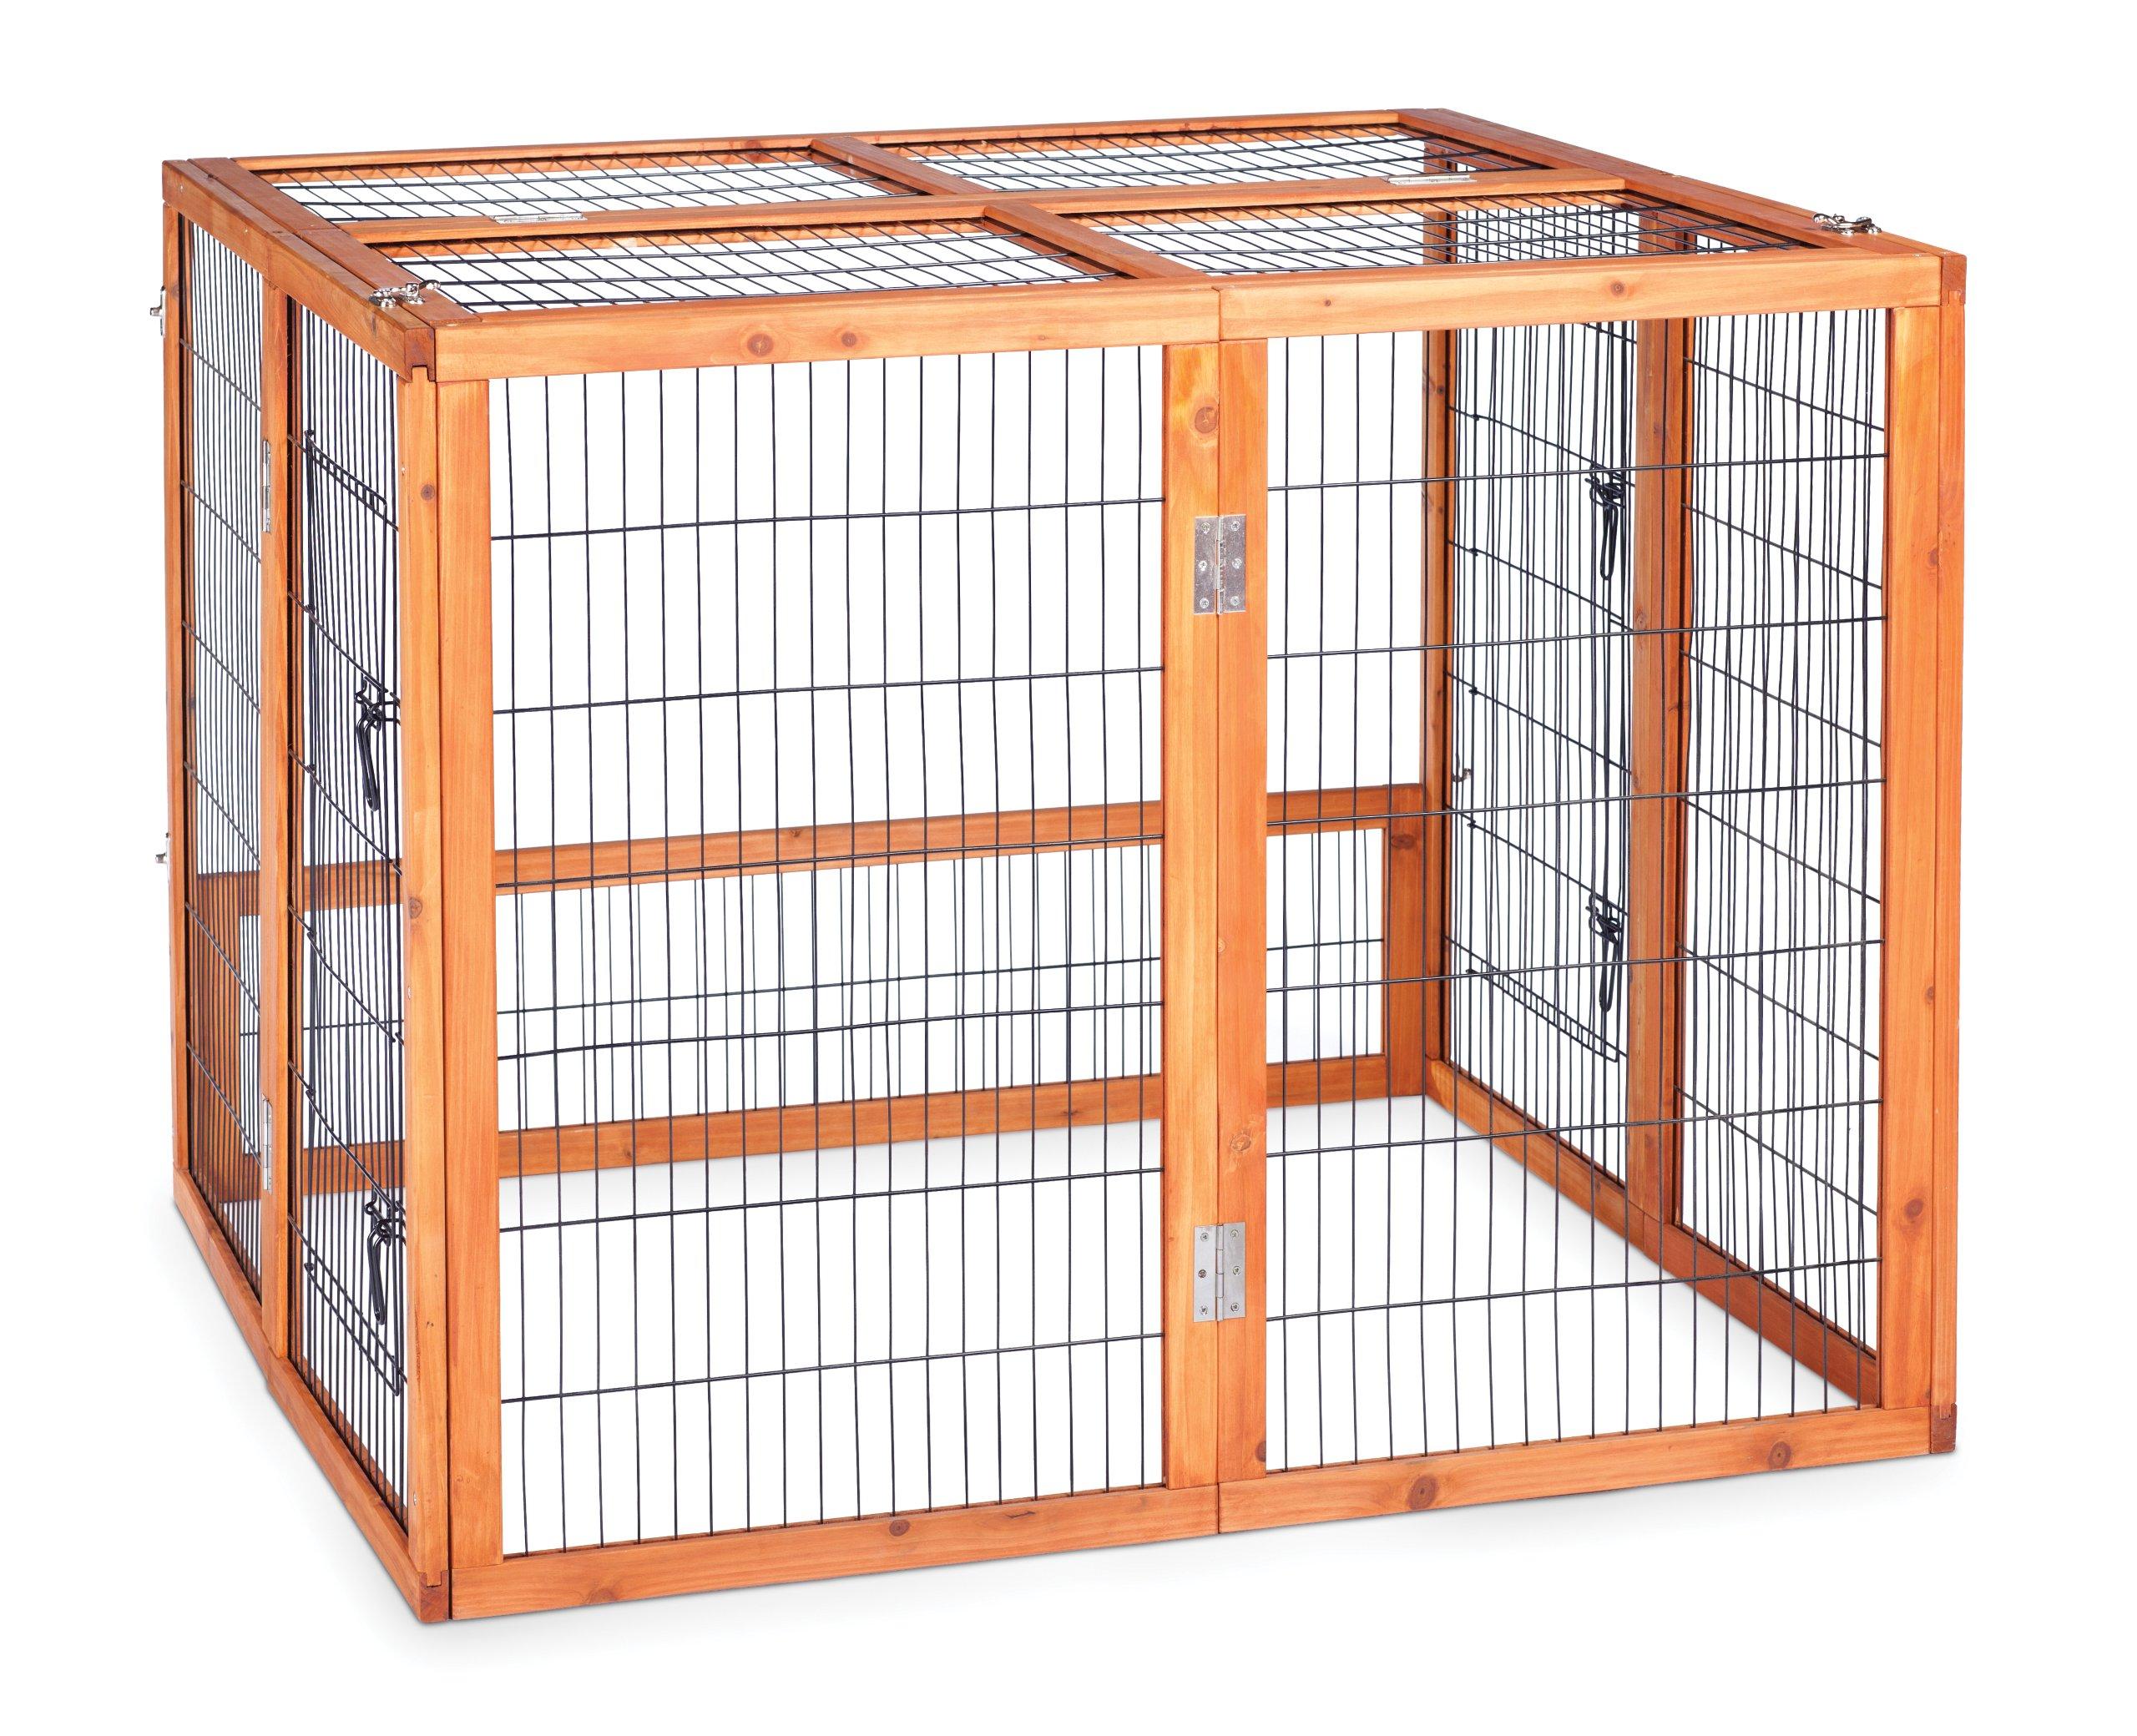 Prevue Hendryx 461PEN Pet Products Rabbit Playpen, Large